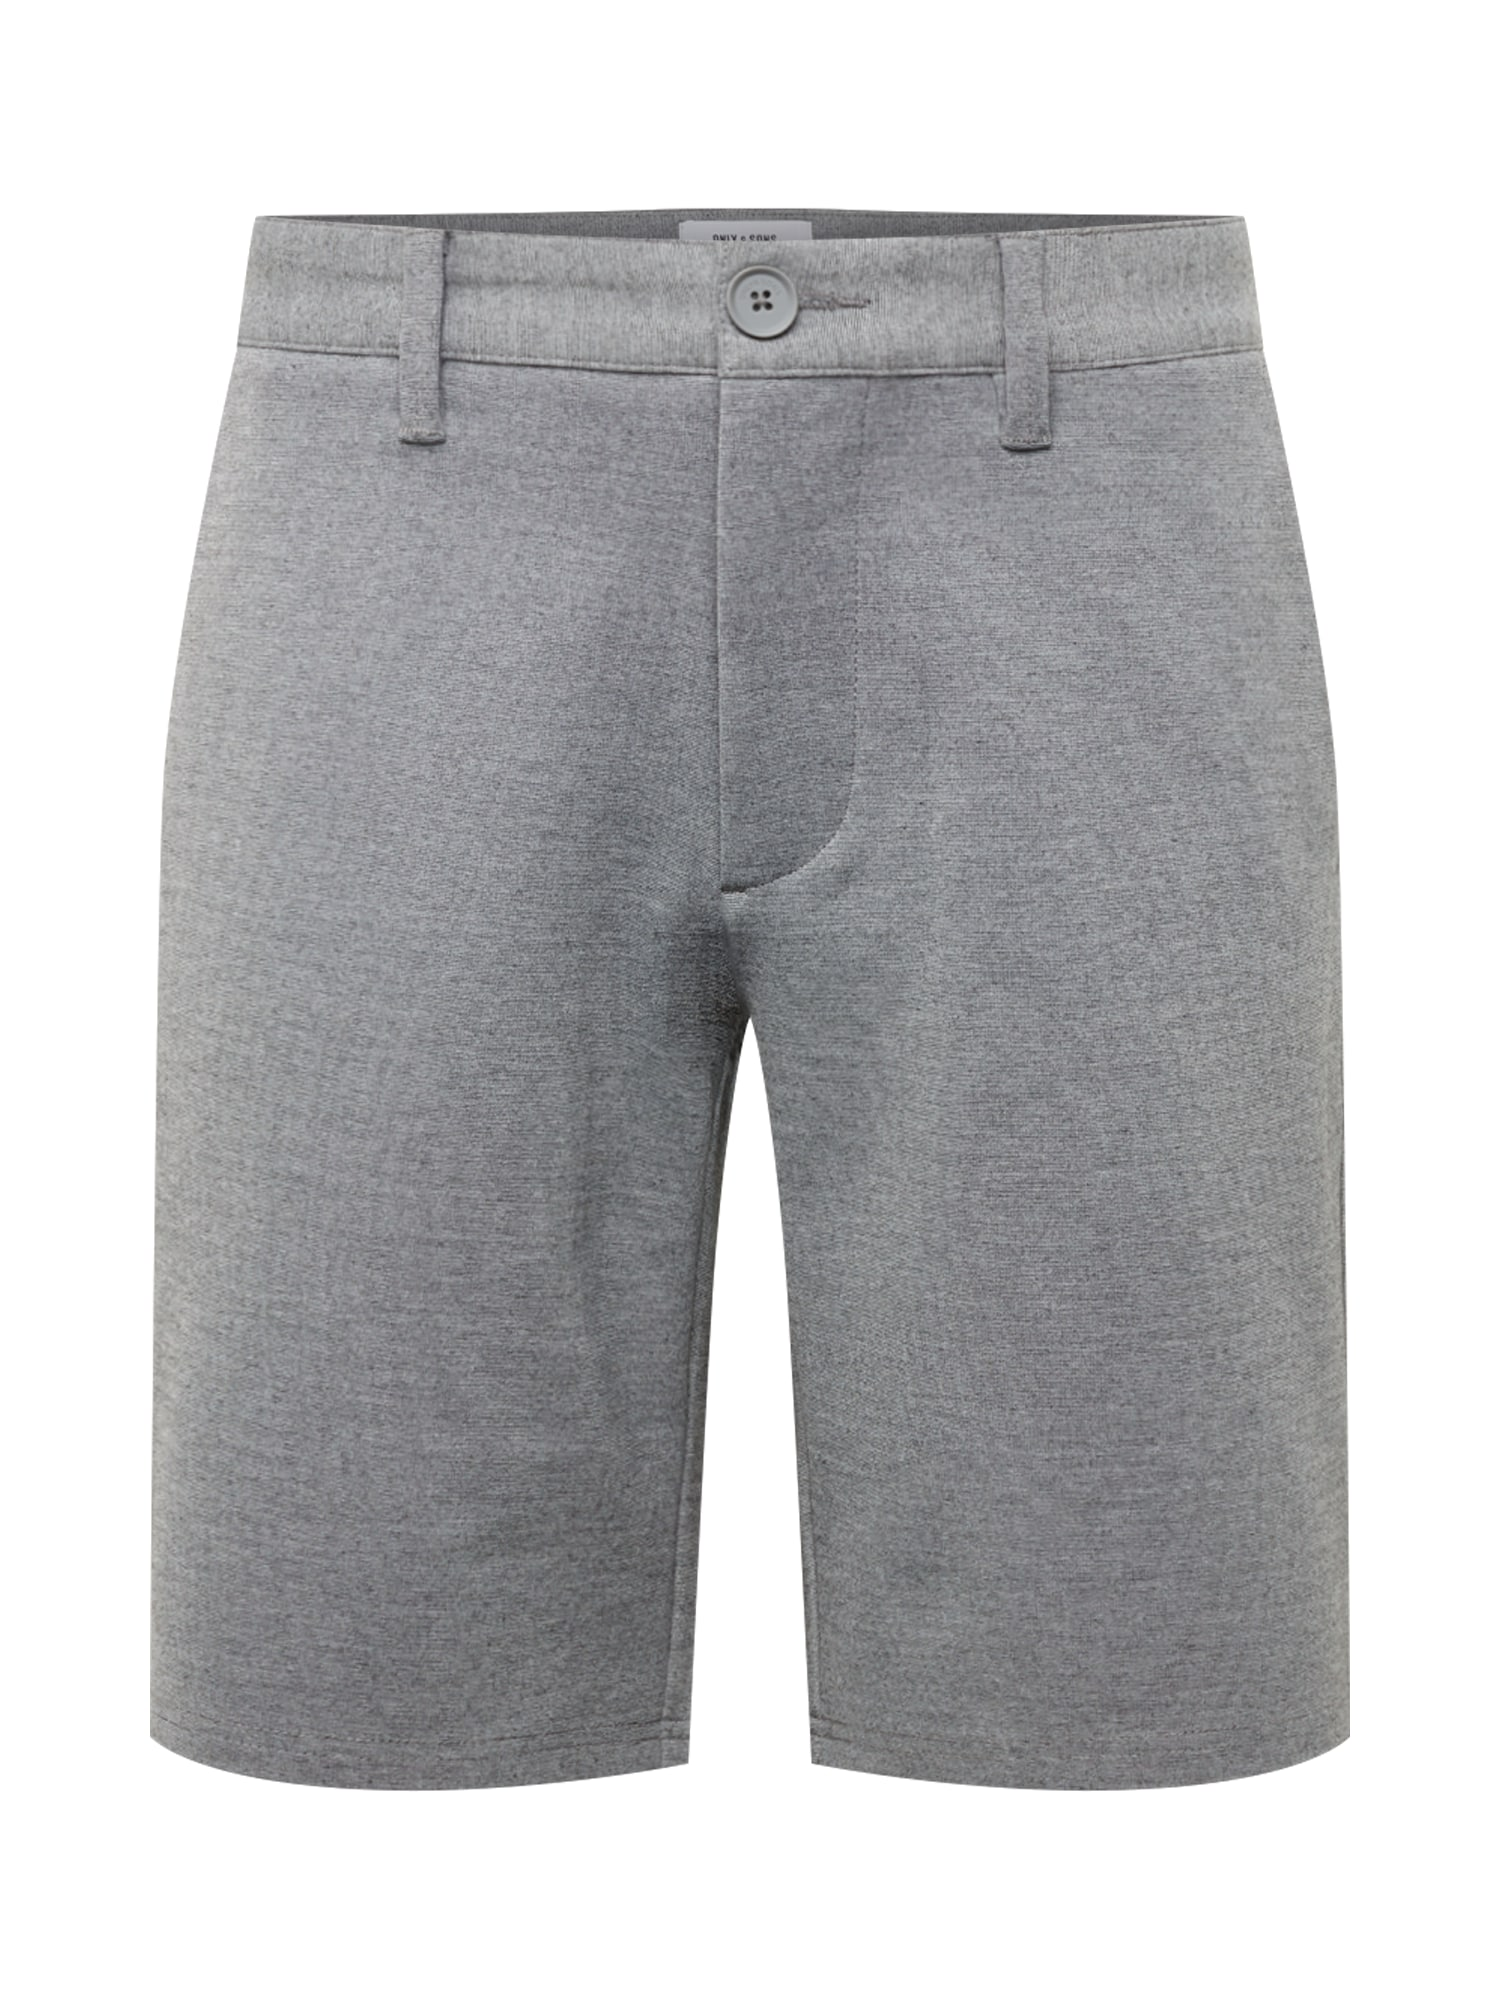 Kalhoty Mark šedý melír Only & Sons